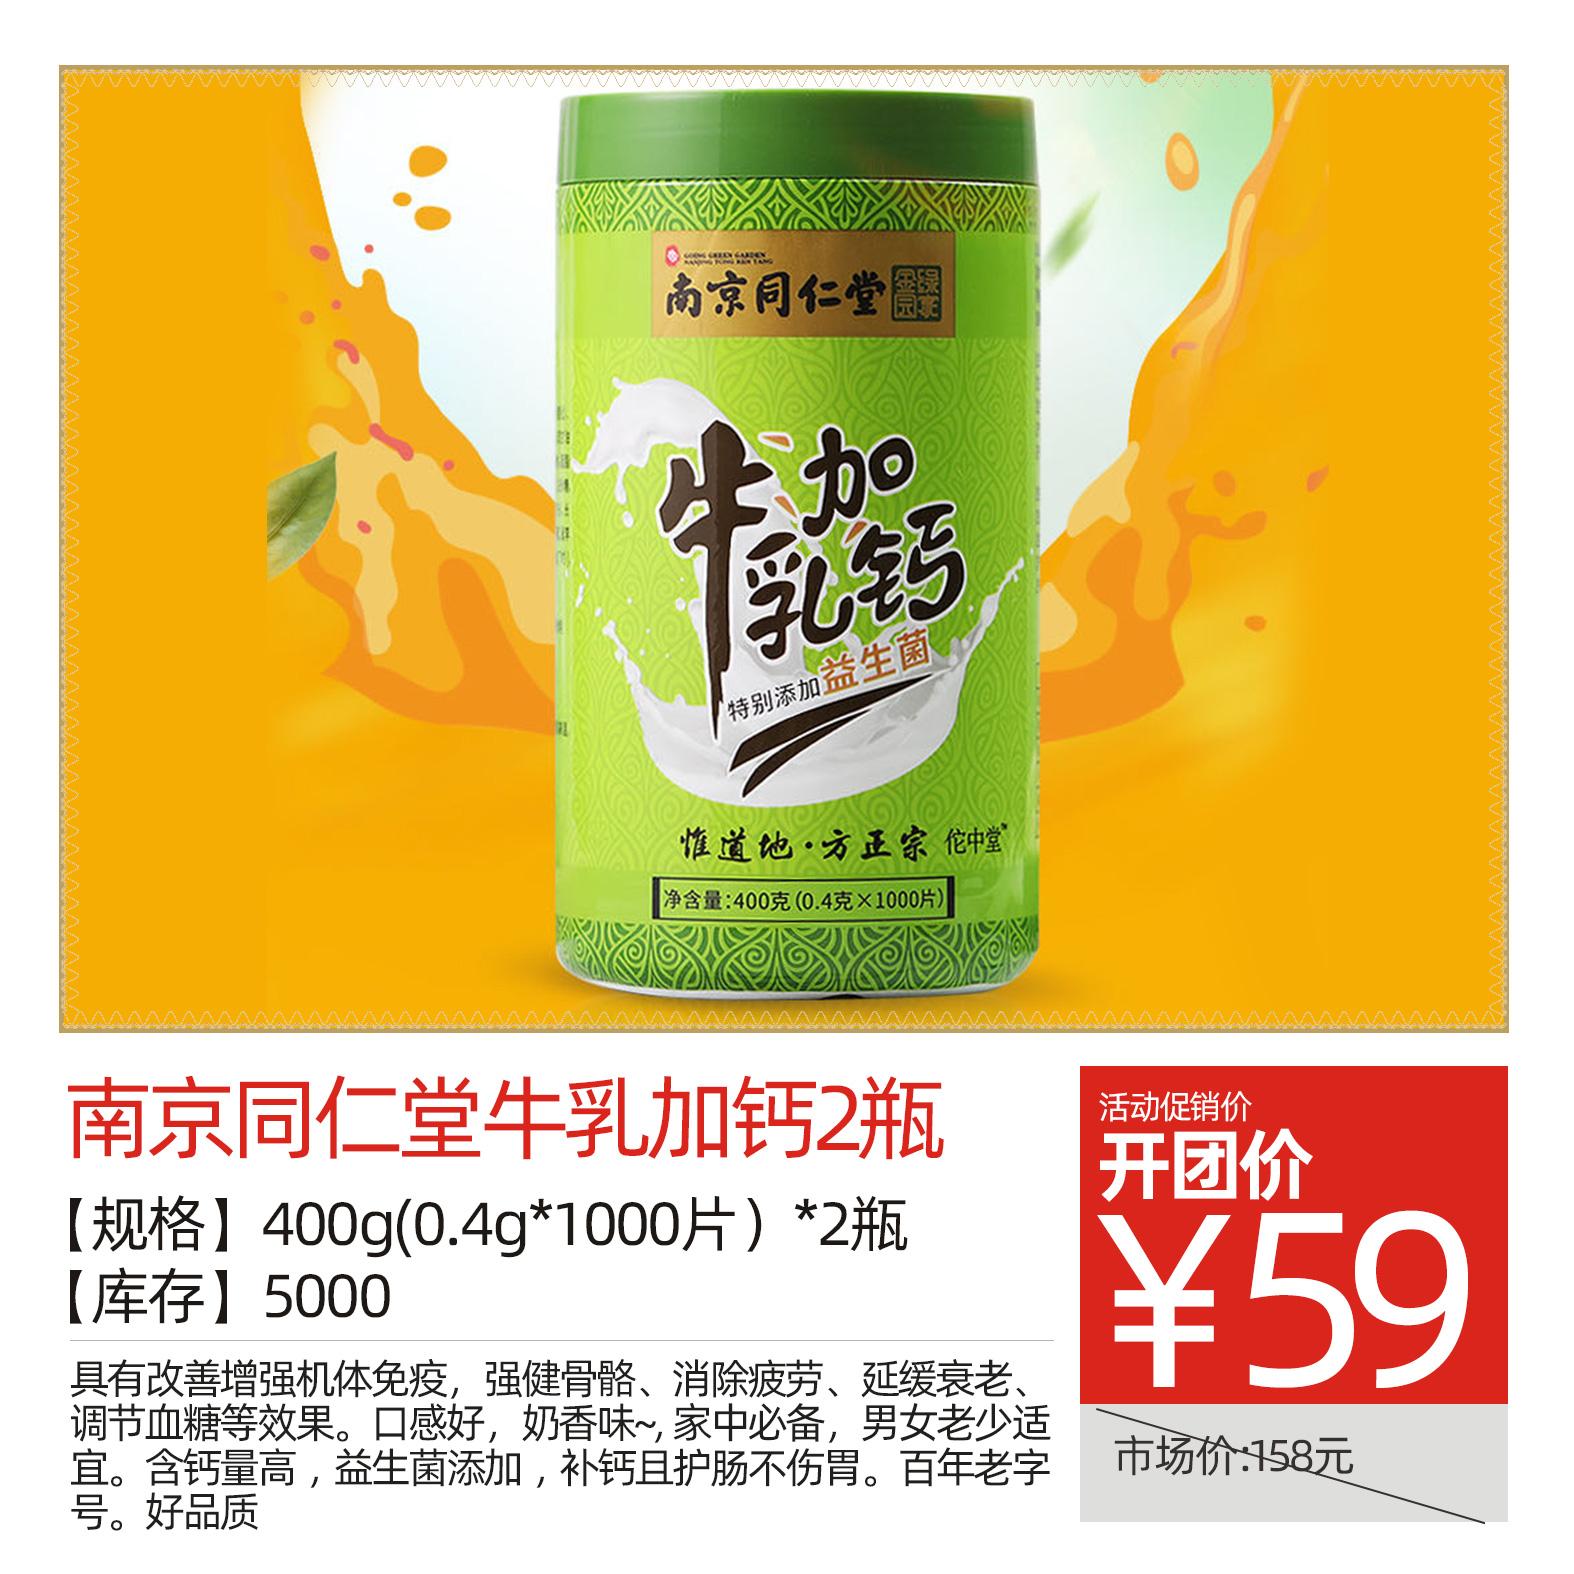 南京同仁堂牛乳加钙/2瓶